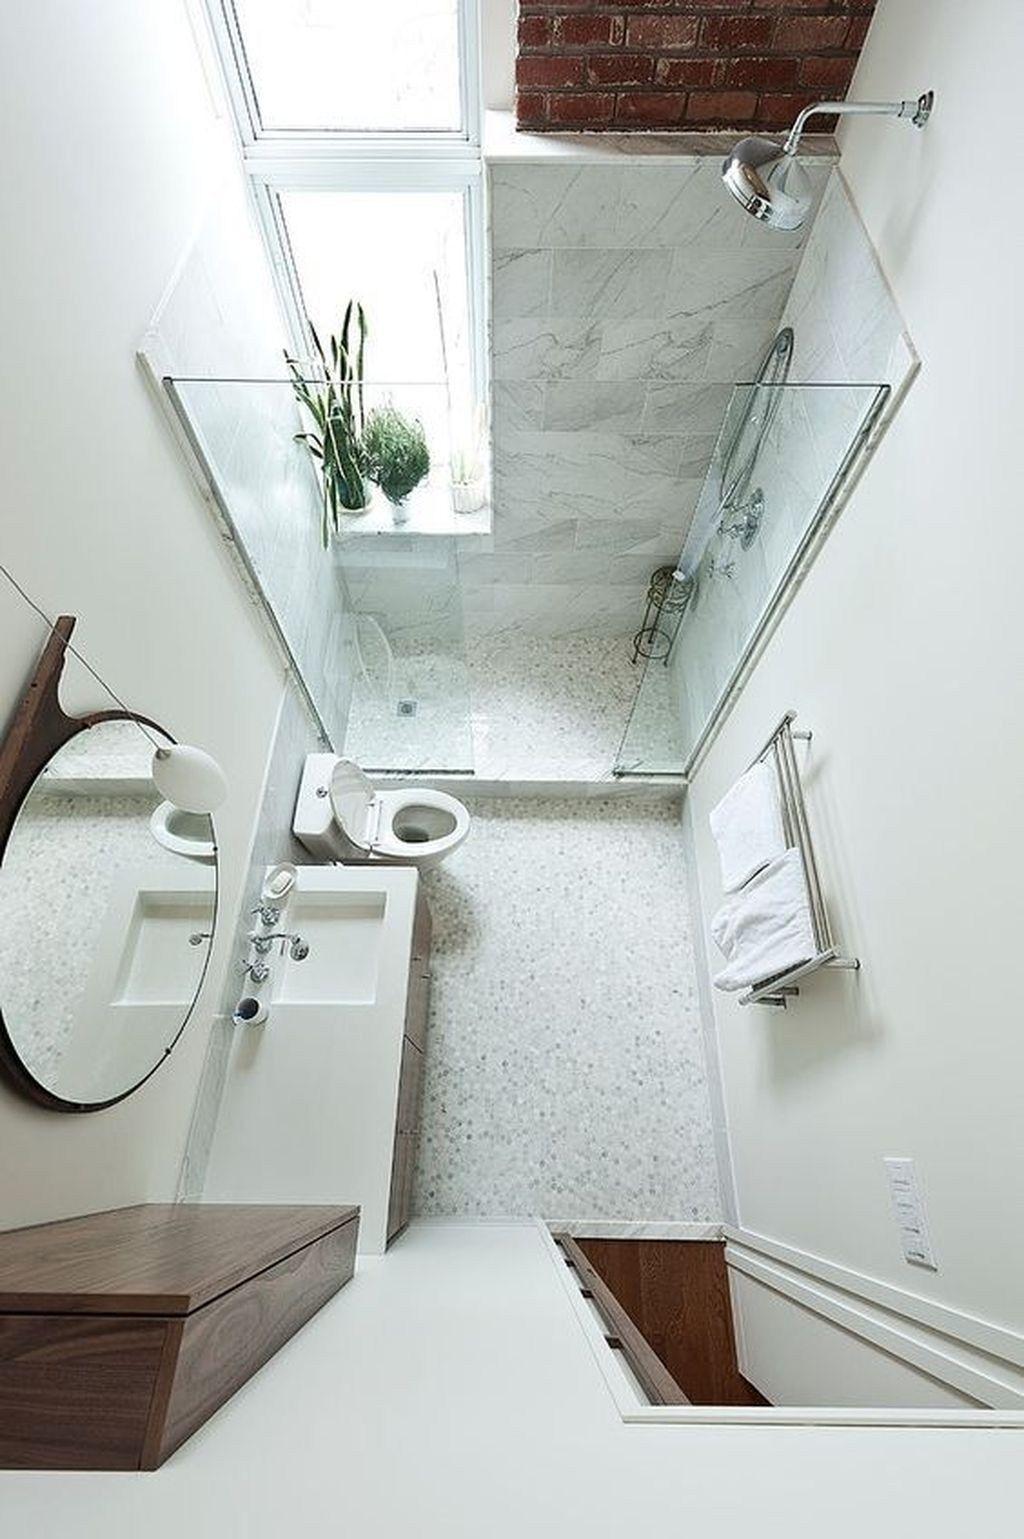 30+ Unimaginable Diy Ideas For Bathroom Makeover | DIY ideas, Small ...